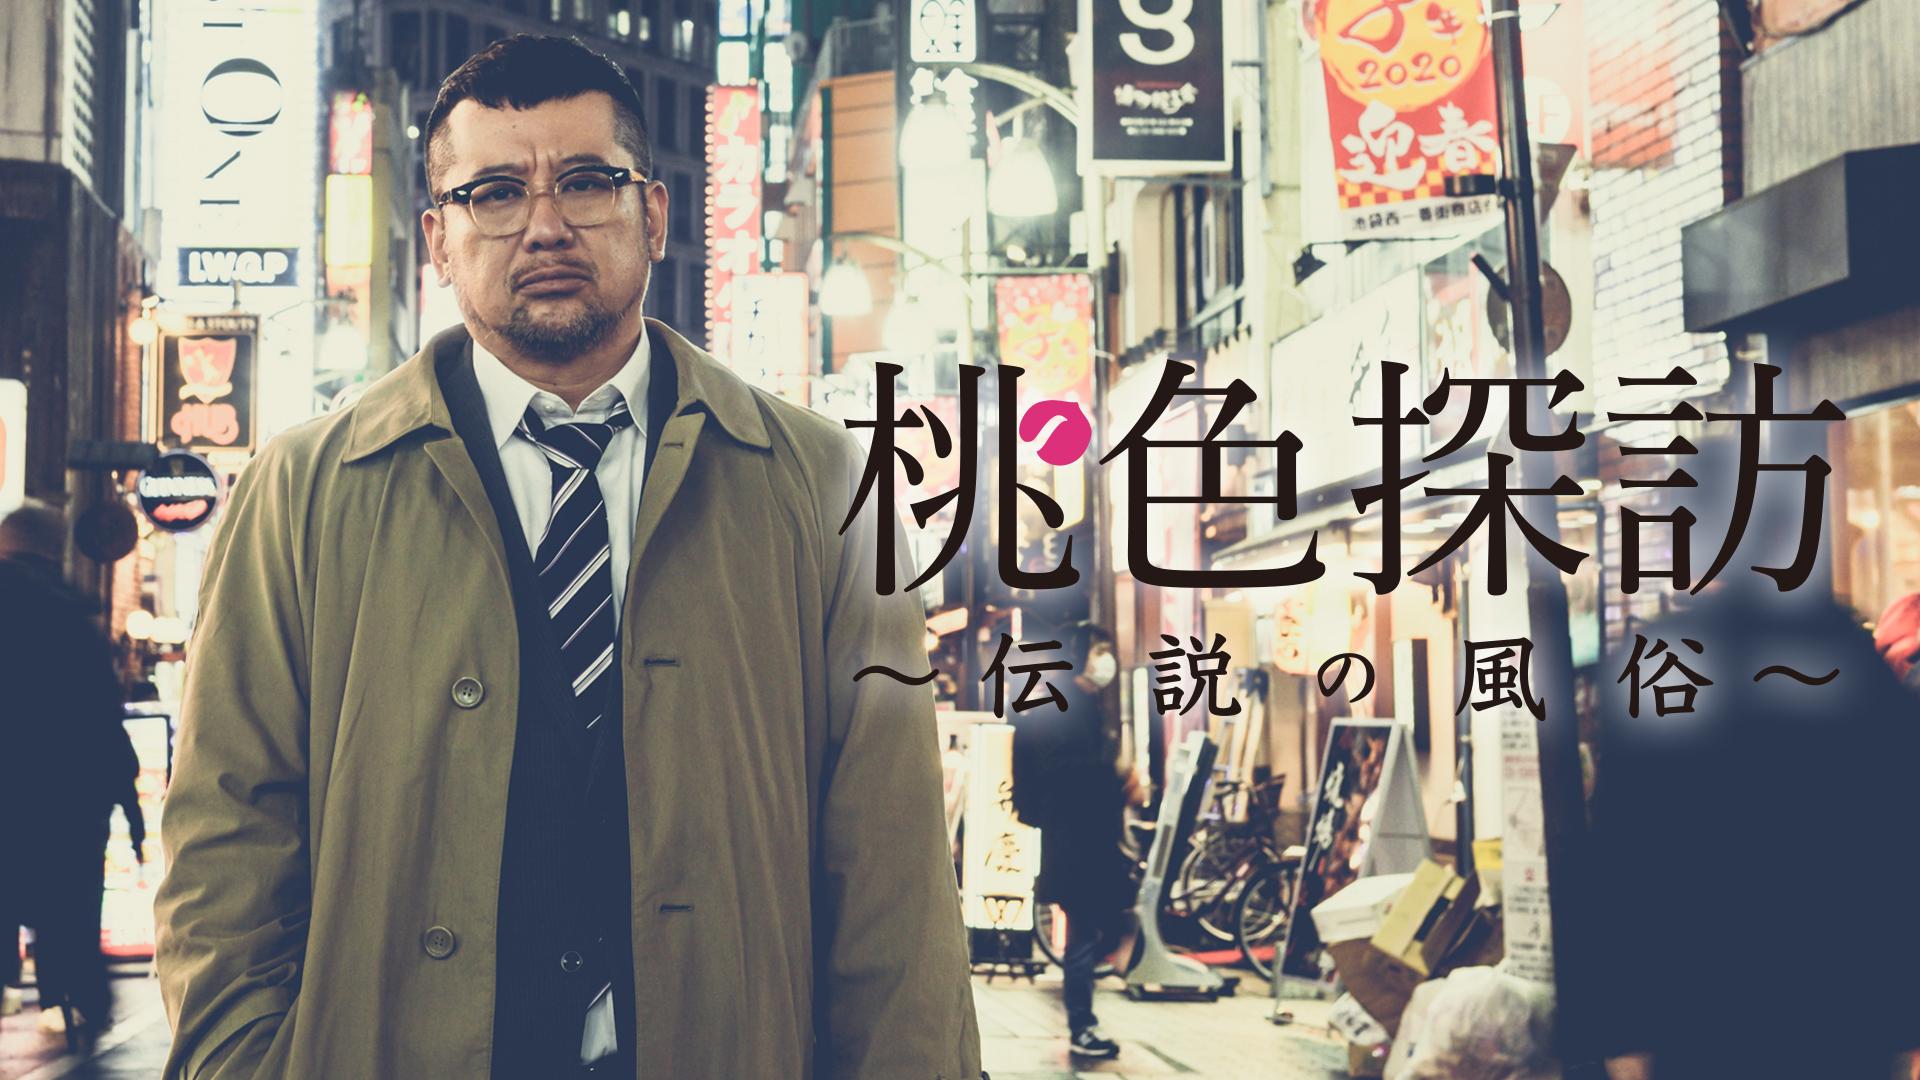 桃色探訪~伝説の風俗~